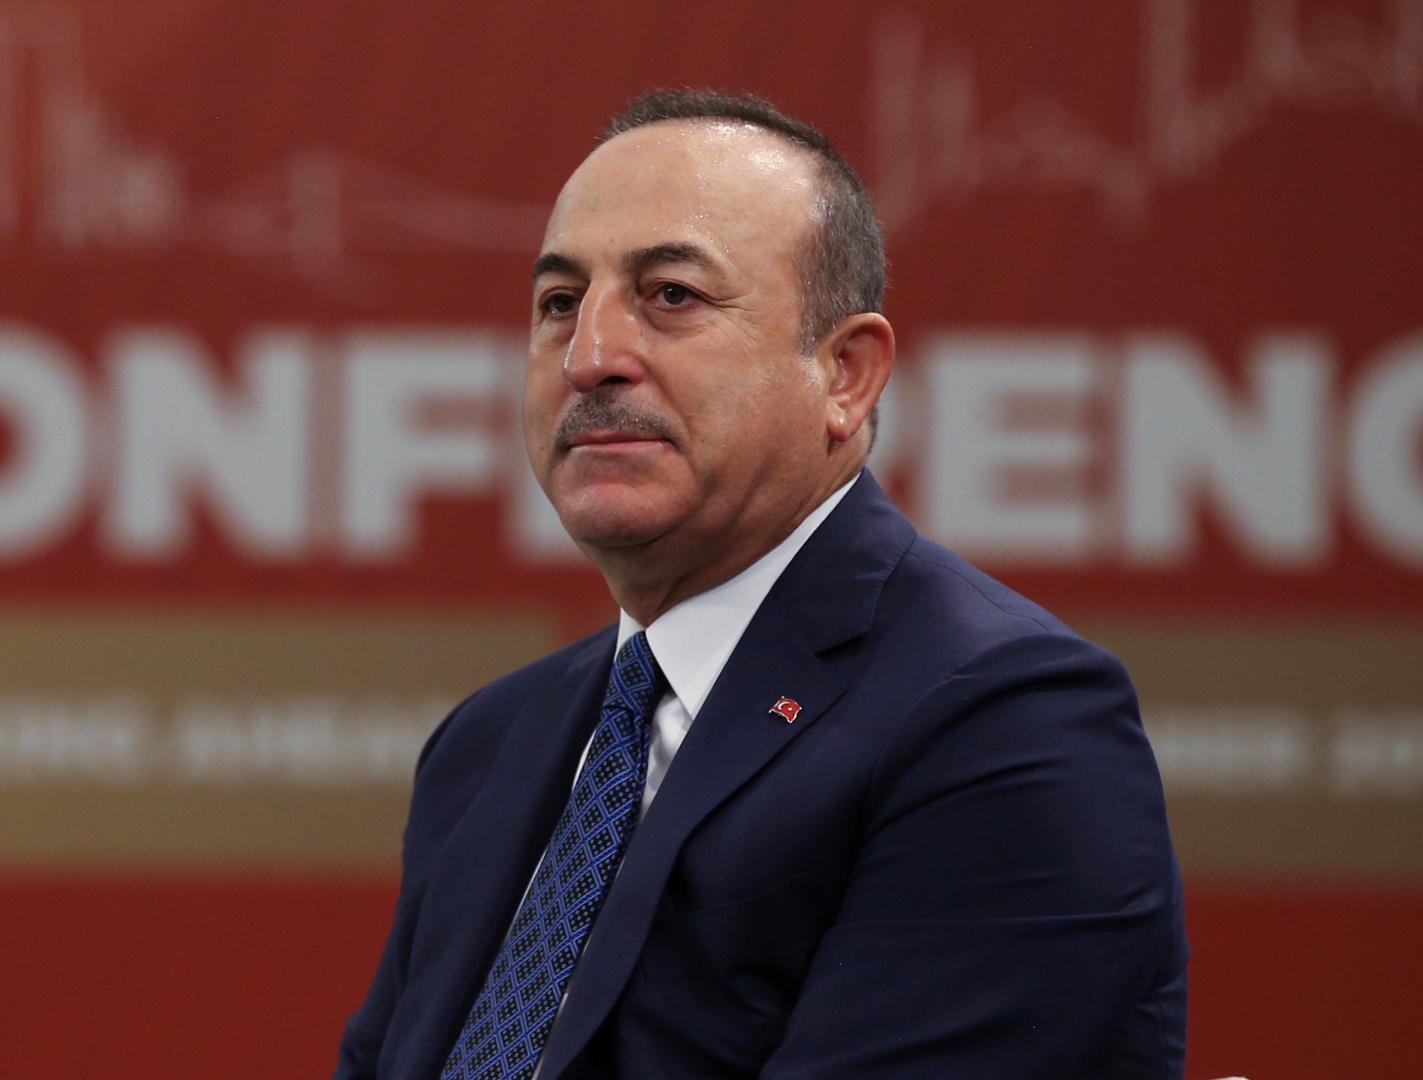 وزير الخارجية التركي مولود تشاووش أوغلو